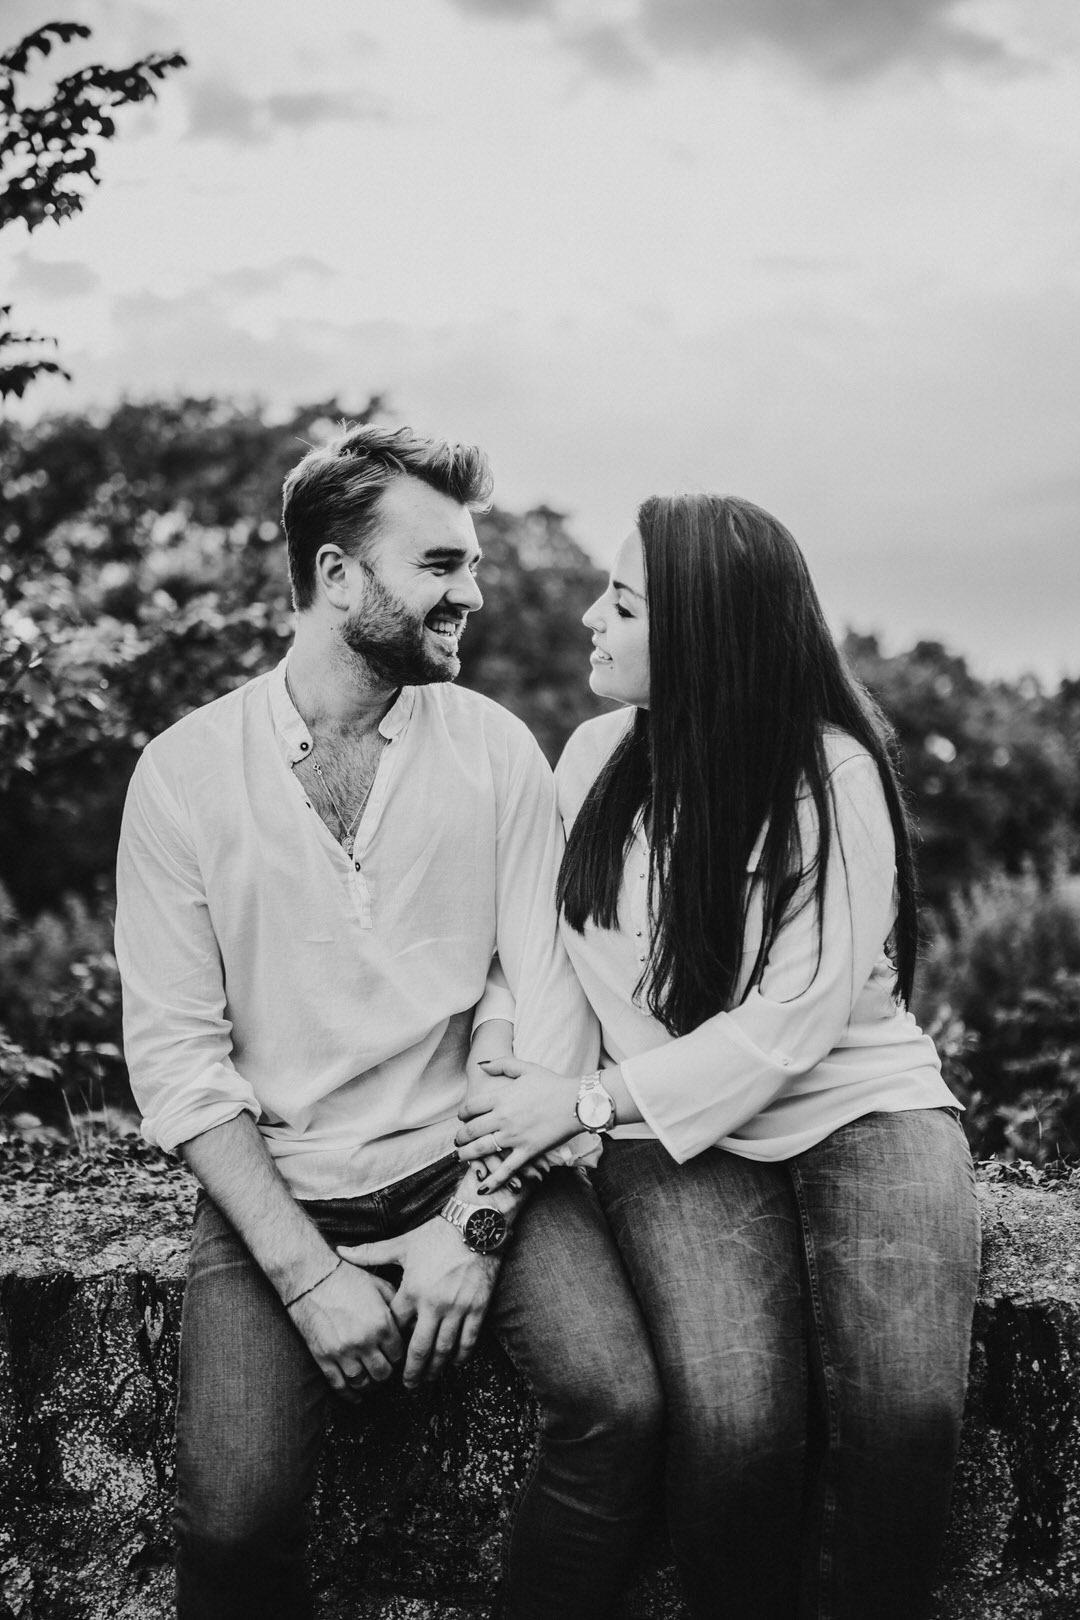 Natürliche Paarfotografen in Frankfurt die bei Tageslicht fotografieren